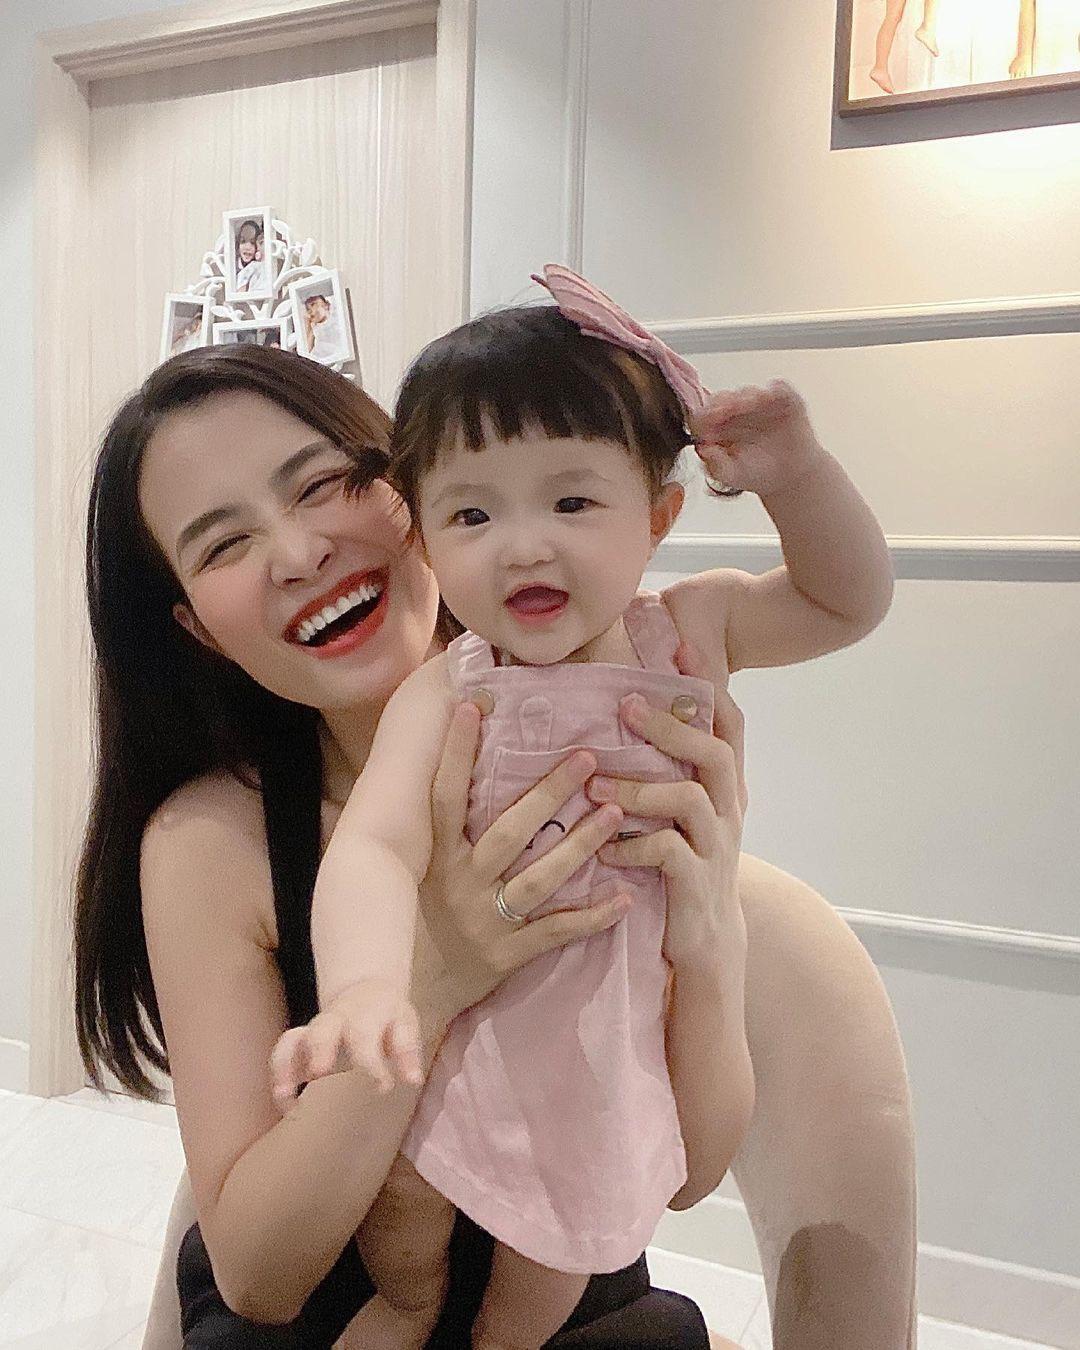 Netizen tranh cãi concept chụp hình gia đình Đông Nhi: Bố mẹ lên xiêm y sang chảnh nhưng con gái lại mặc độc mỗi chiếc tã lẻ loi - Ảnh 10.